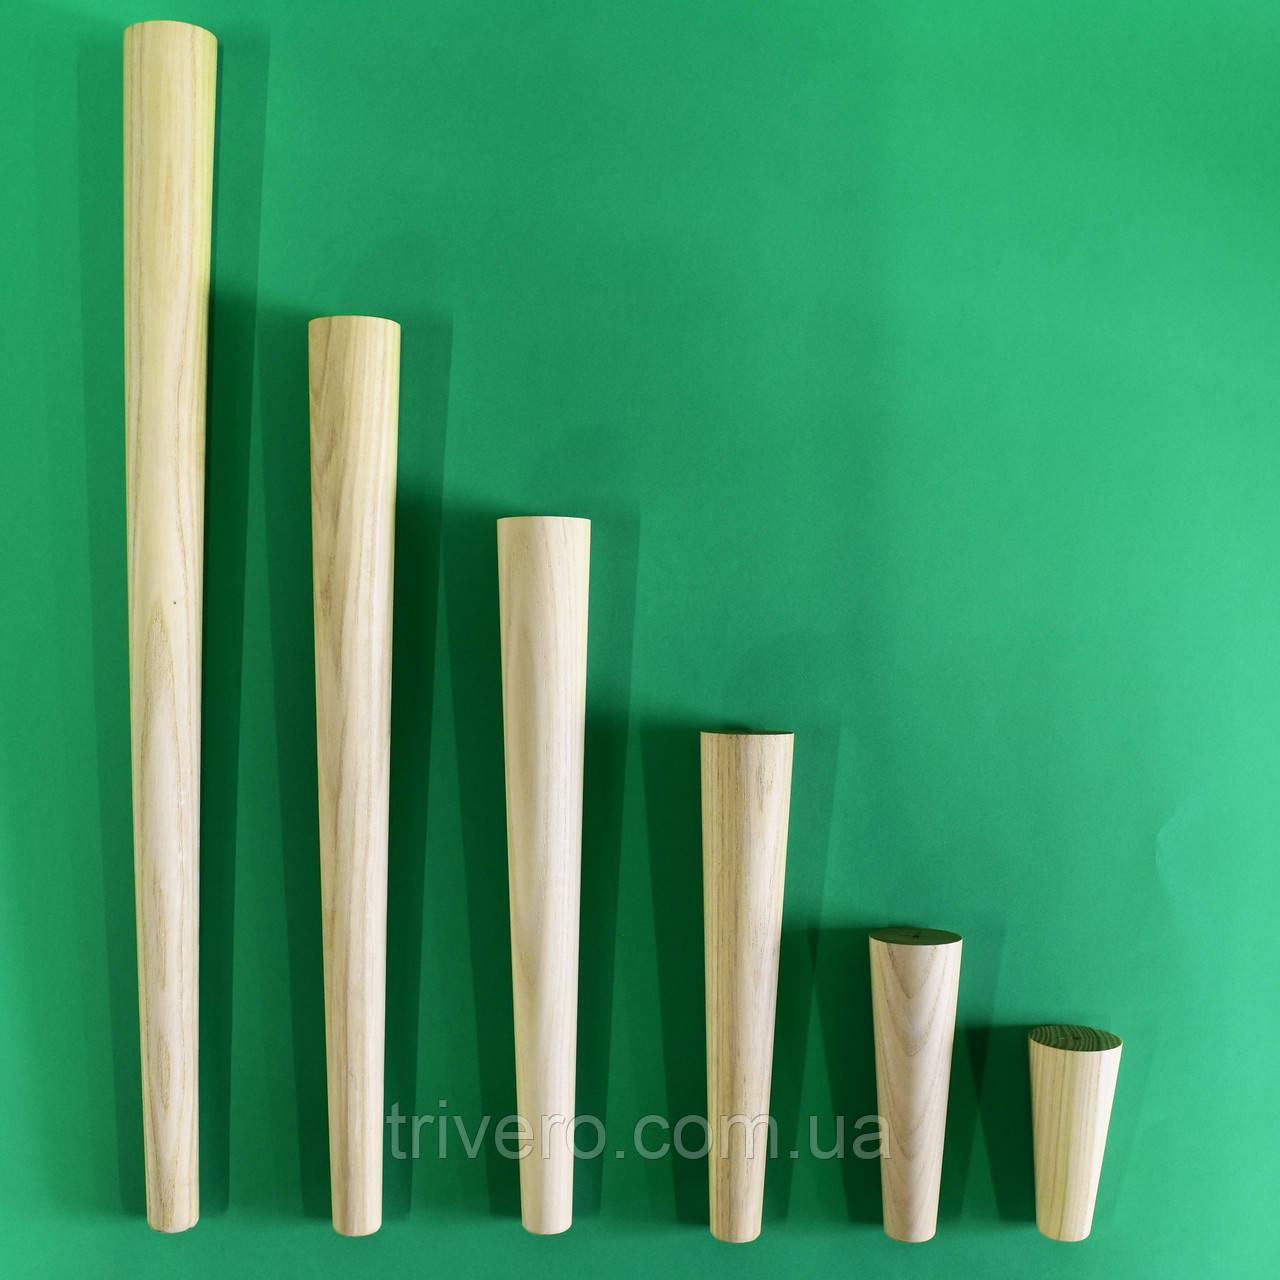 NM-01. Конусные мебельные ножки и опоры деревянные H.100-600 D.45-25